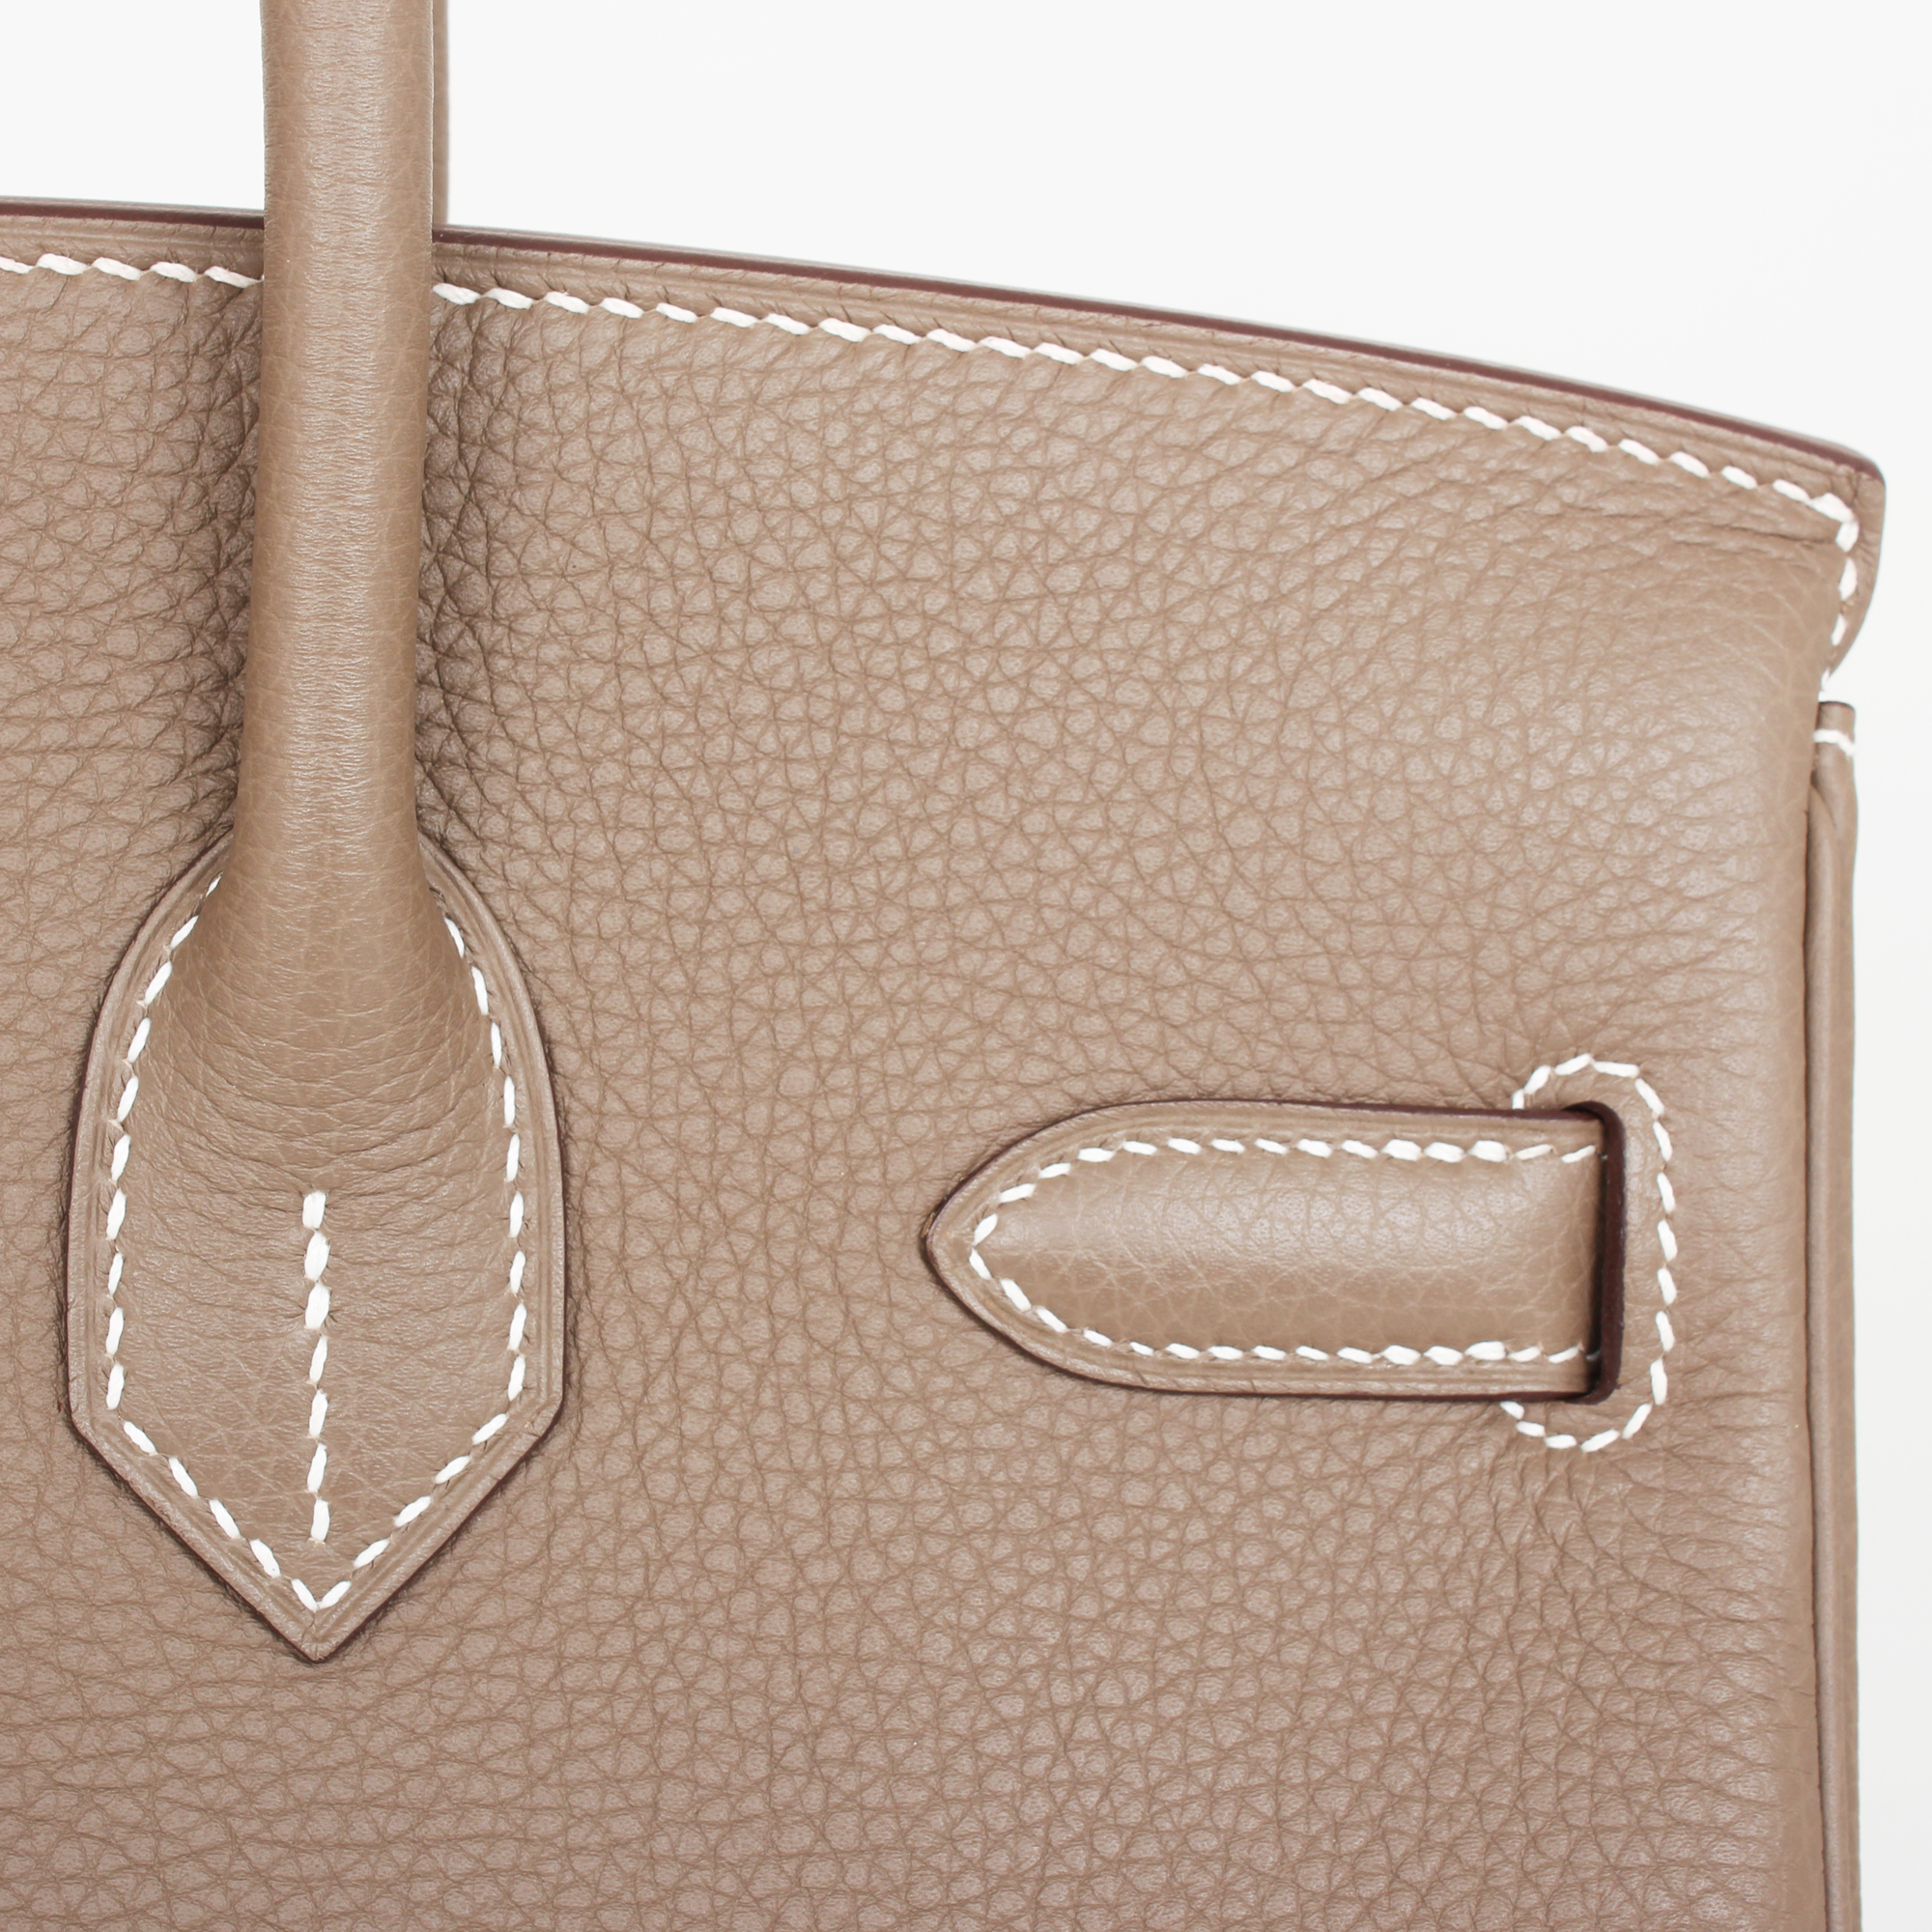 Leather detail image of hermes birkin bag taupe togo